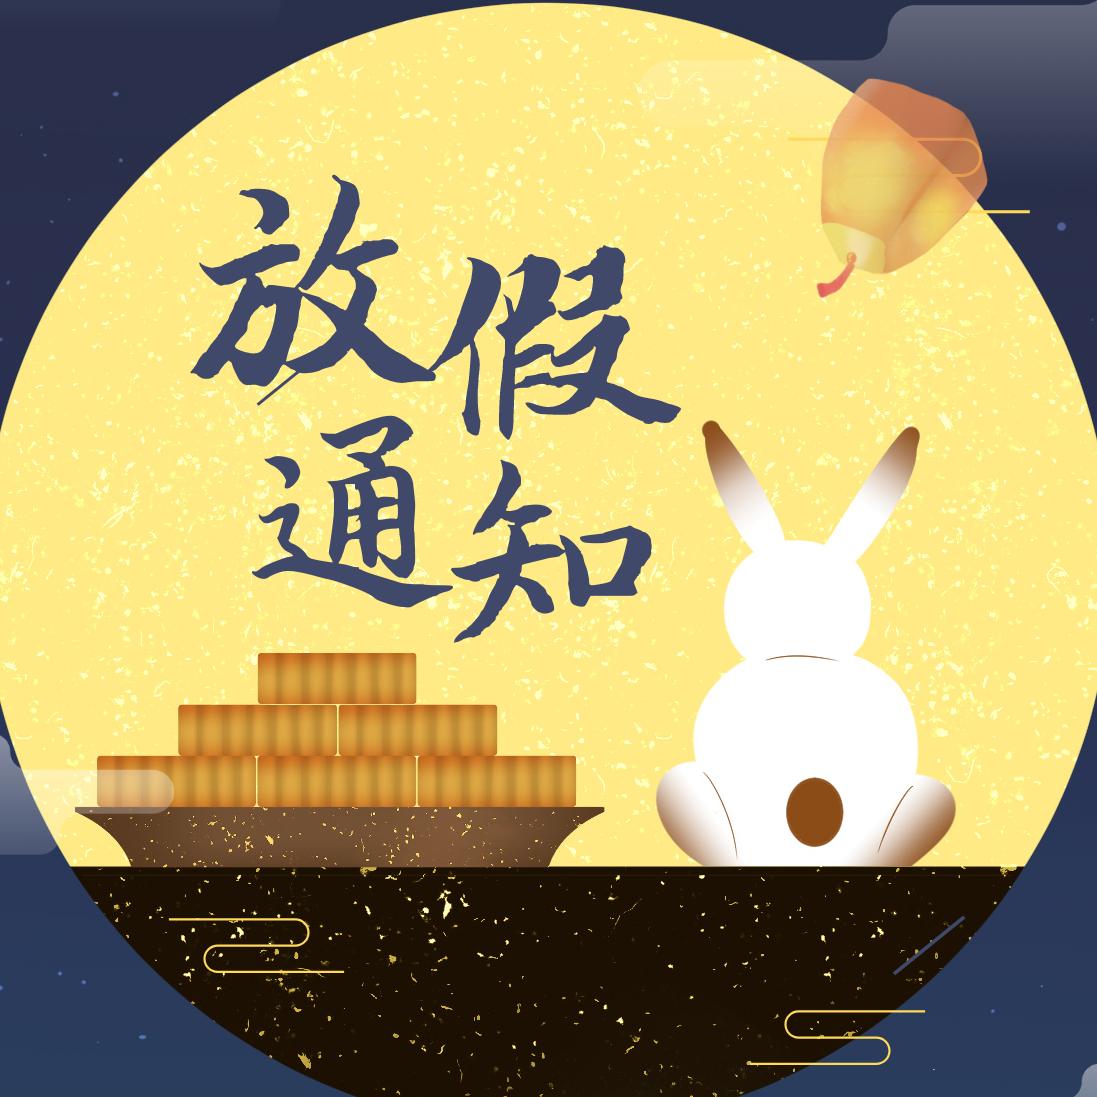 化工仪器网2020年中秋及国庆节放假通知